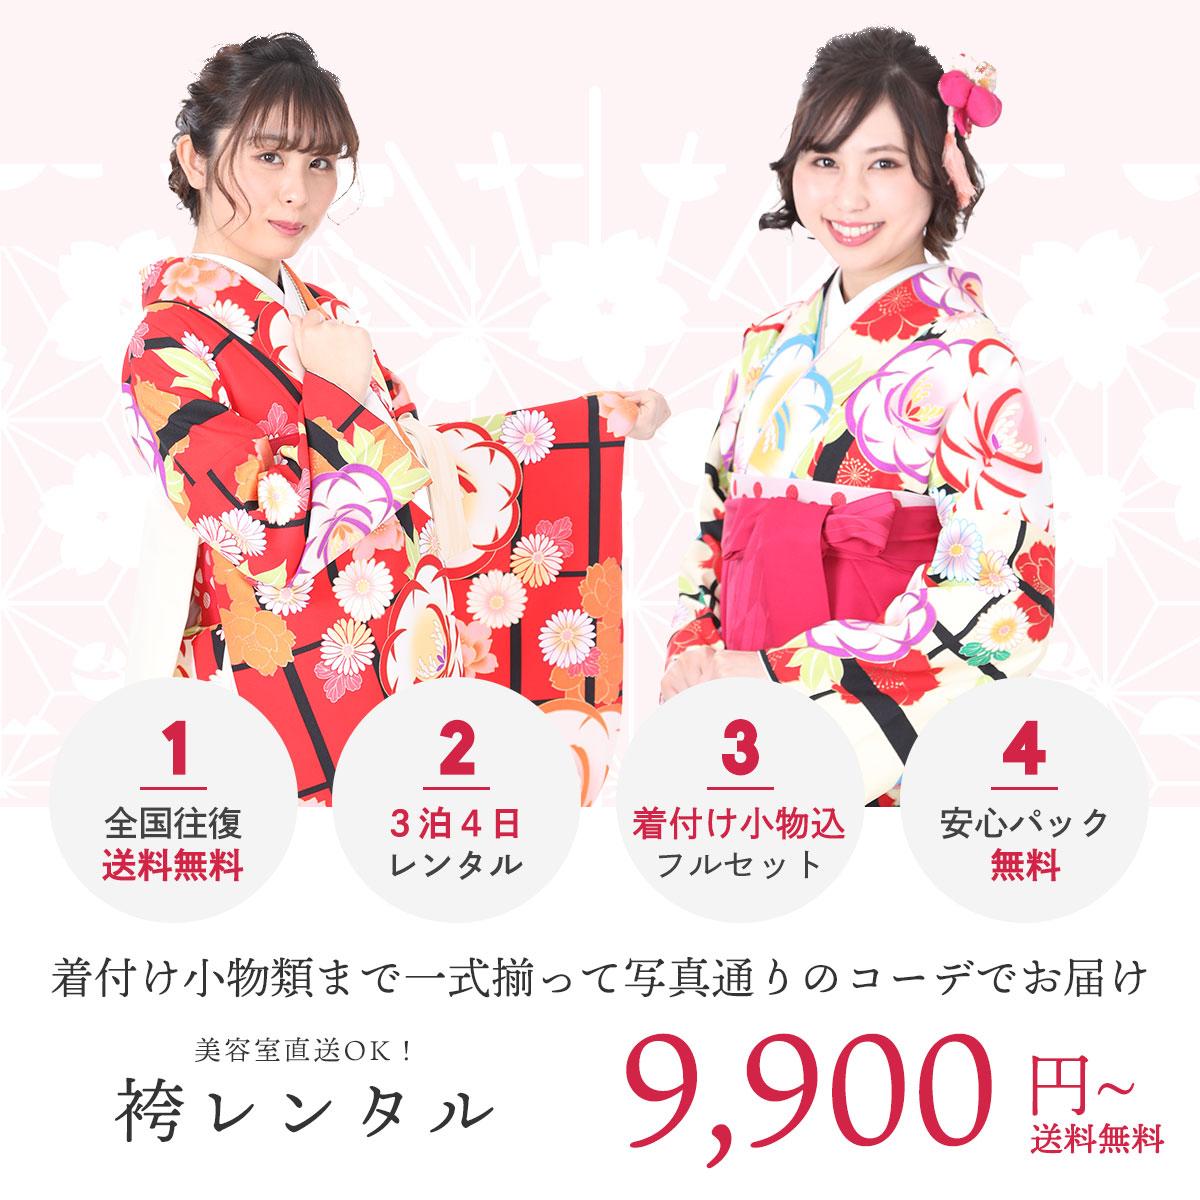 卒業式の袴レンタル一式フルセット |着物宅配レンタル きものレンタリエ